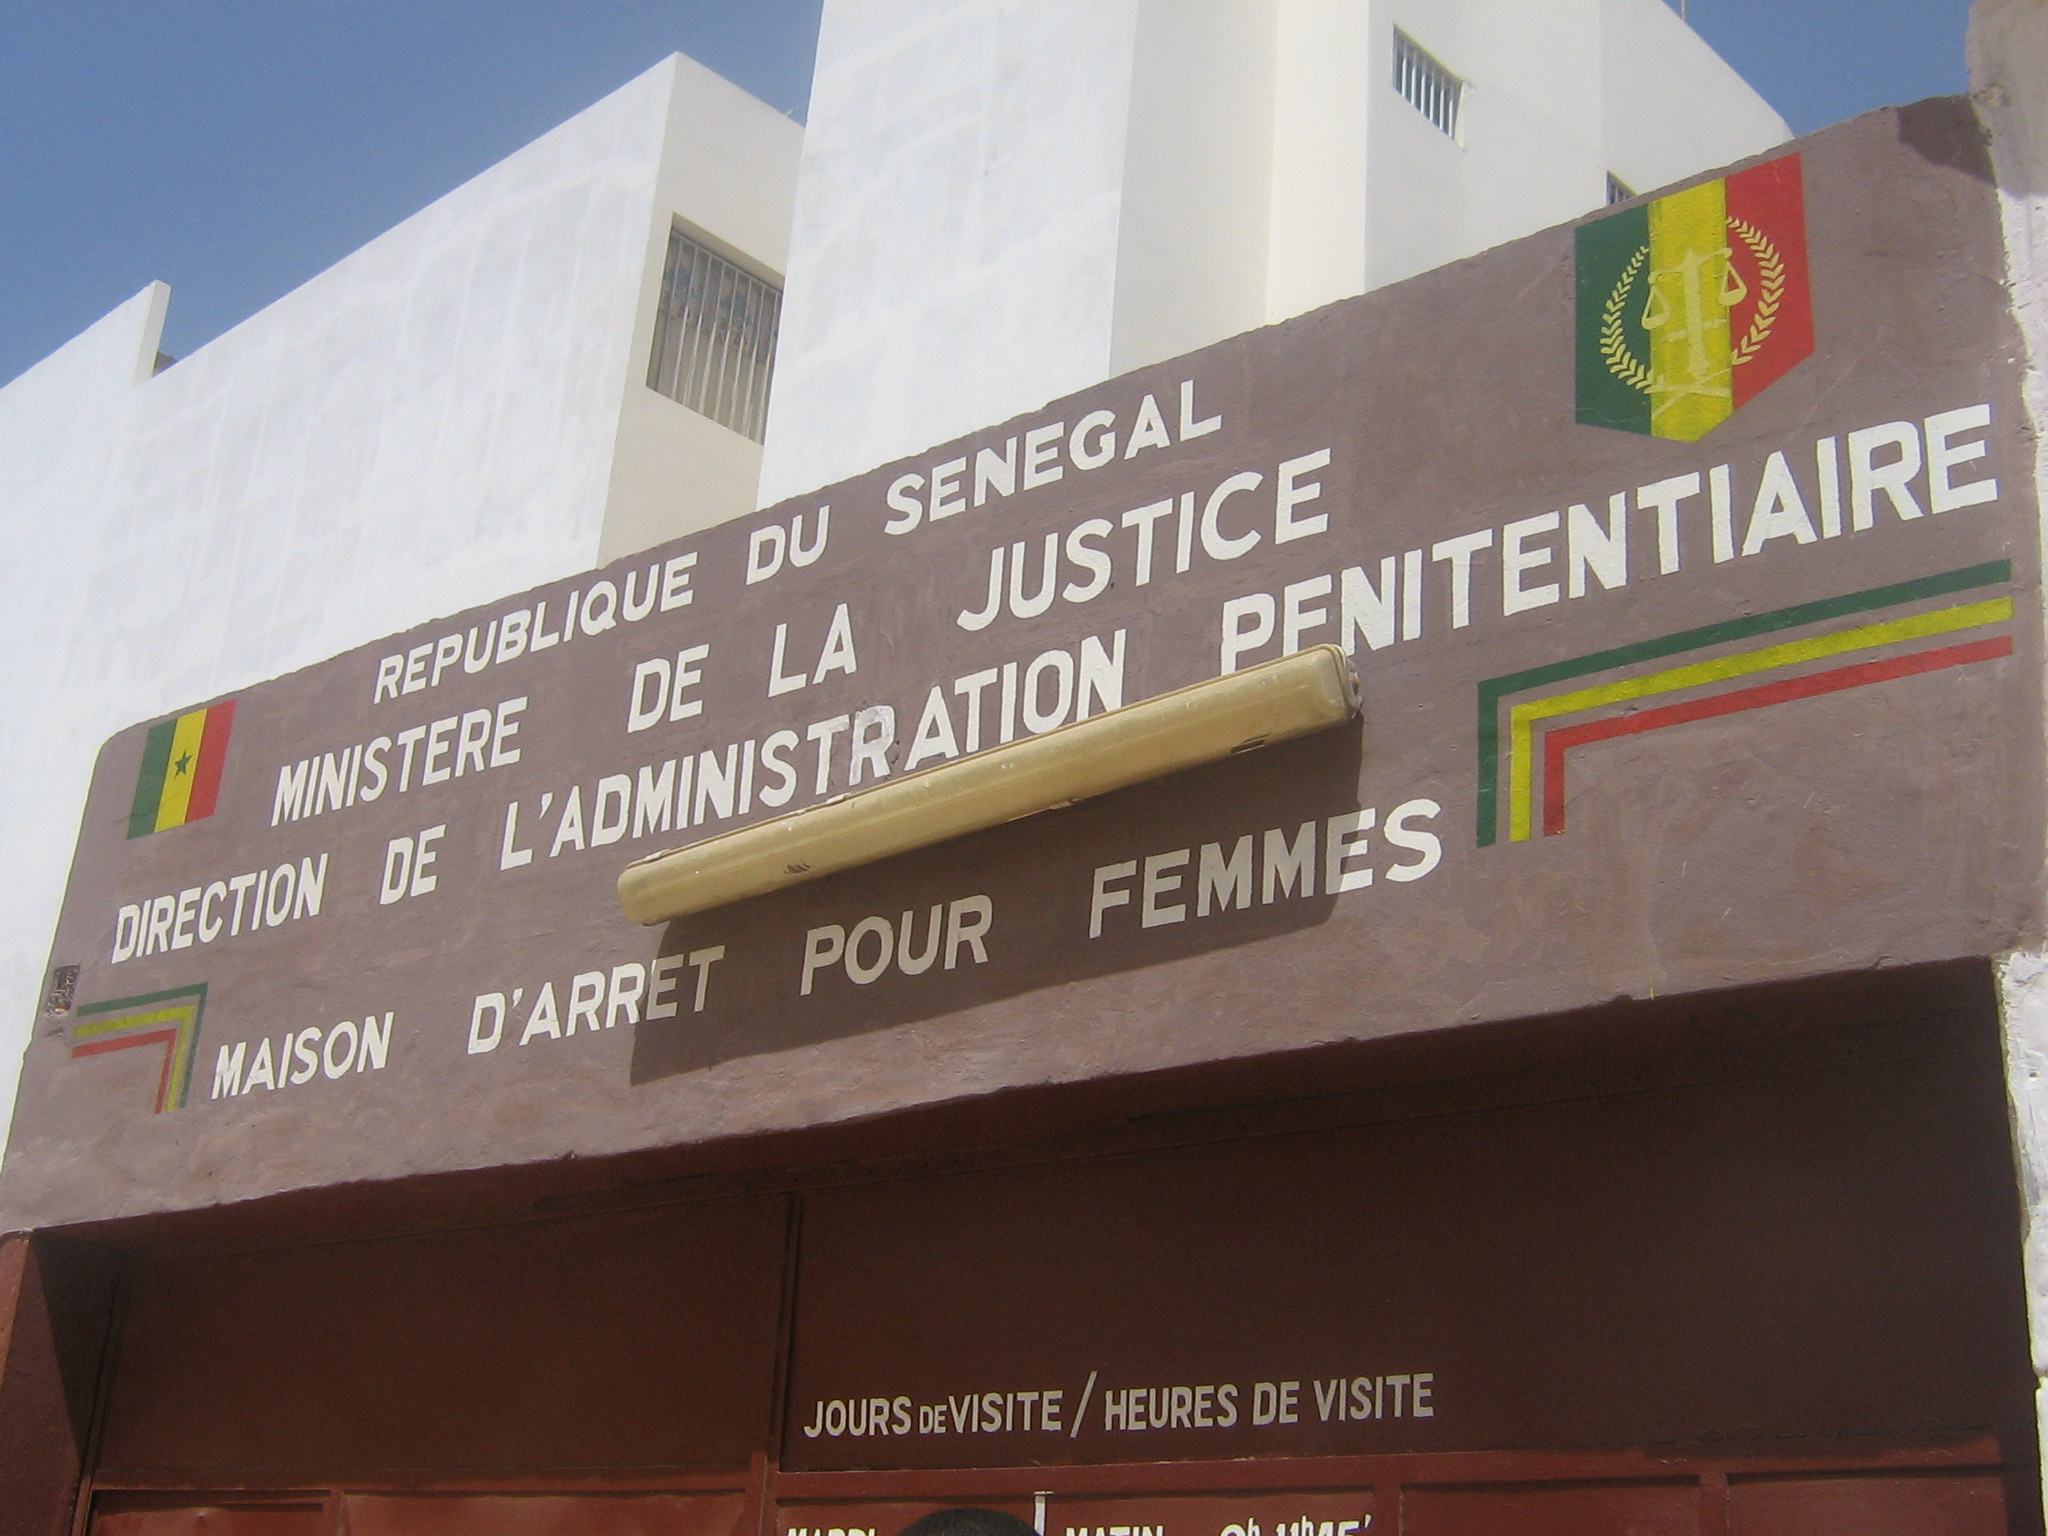 8 Mars : Les femmes de l'administration pénitentiaire plaident pour les détenues